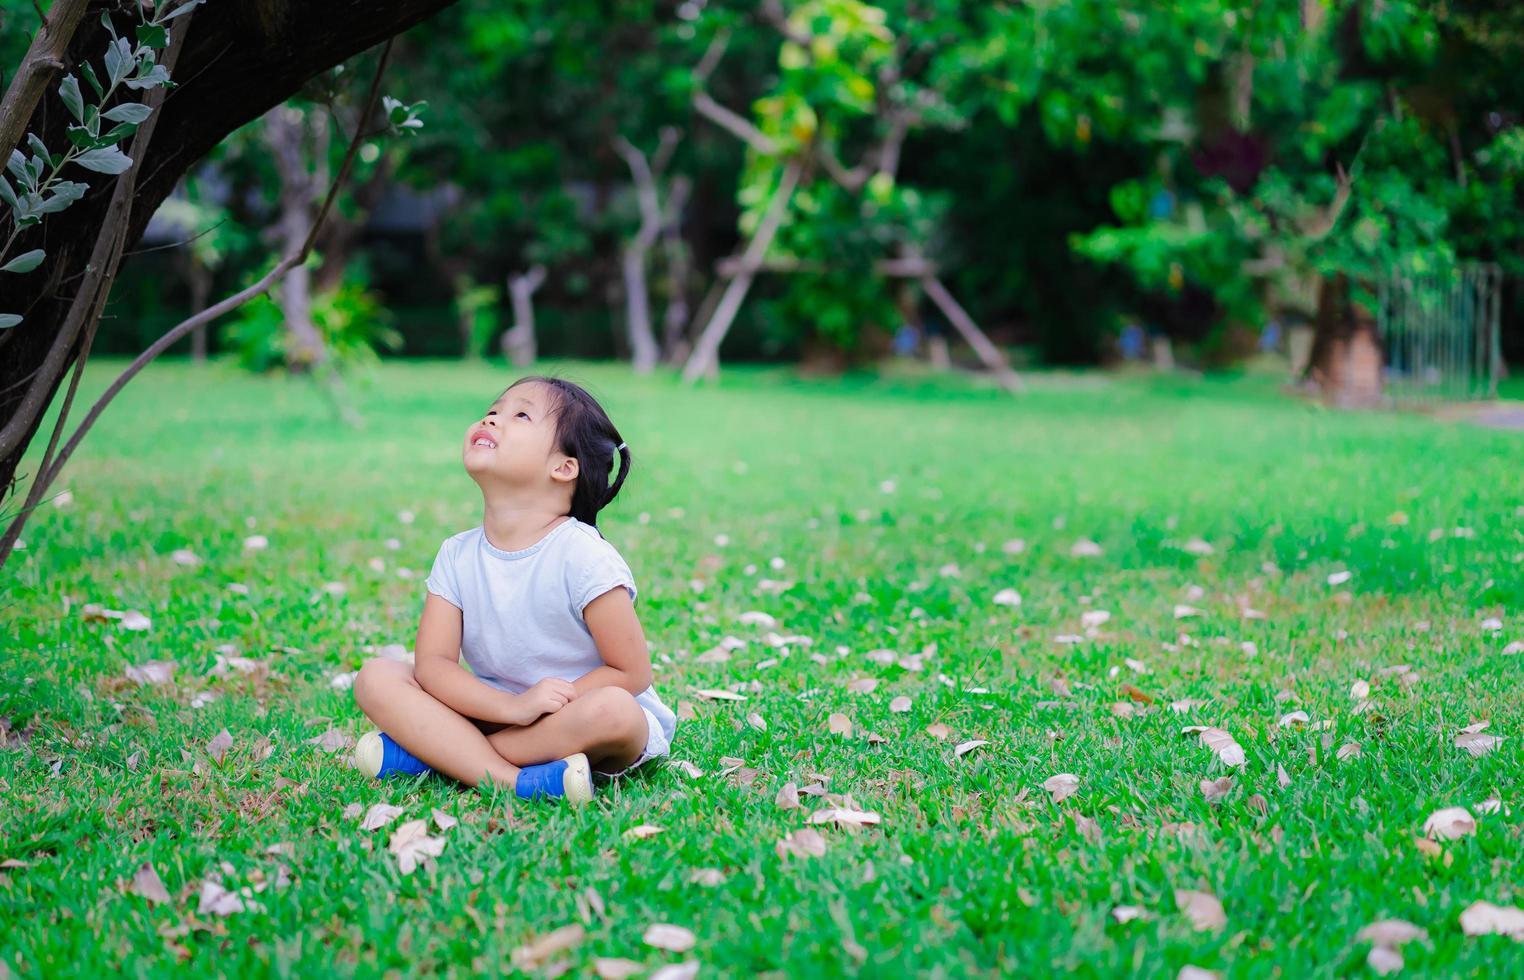 ragazza asiatica carina seduta nel parco e guardando in alto foto